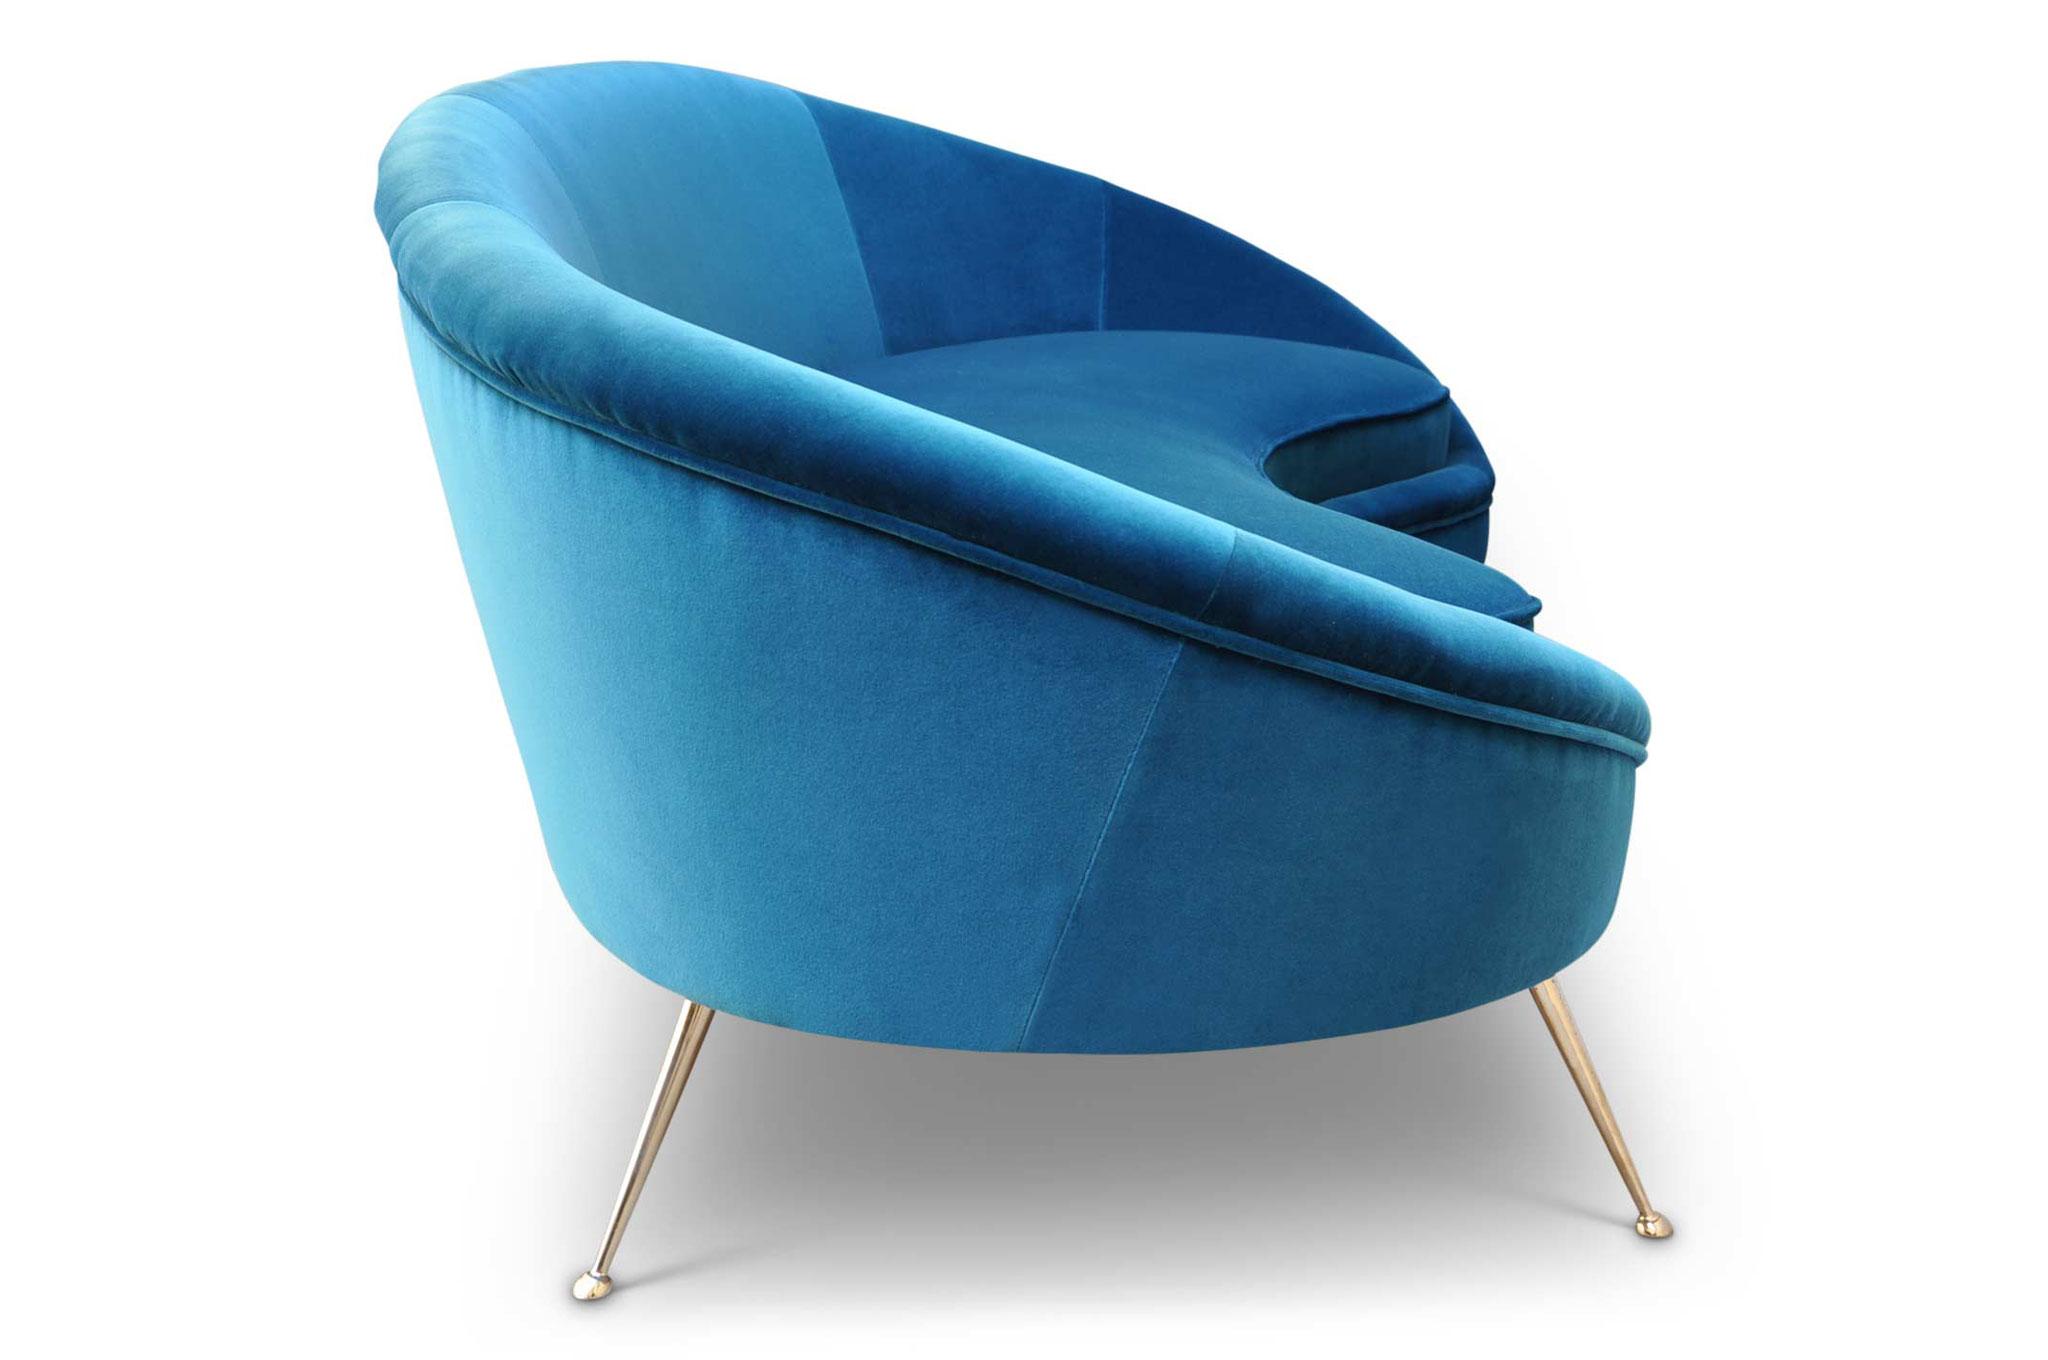 divano curvo ico parisi